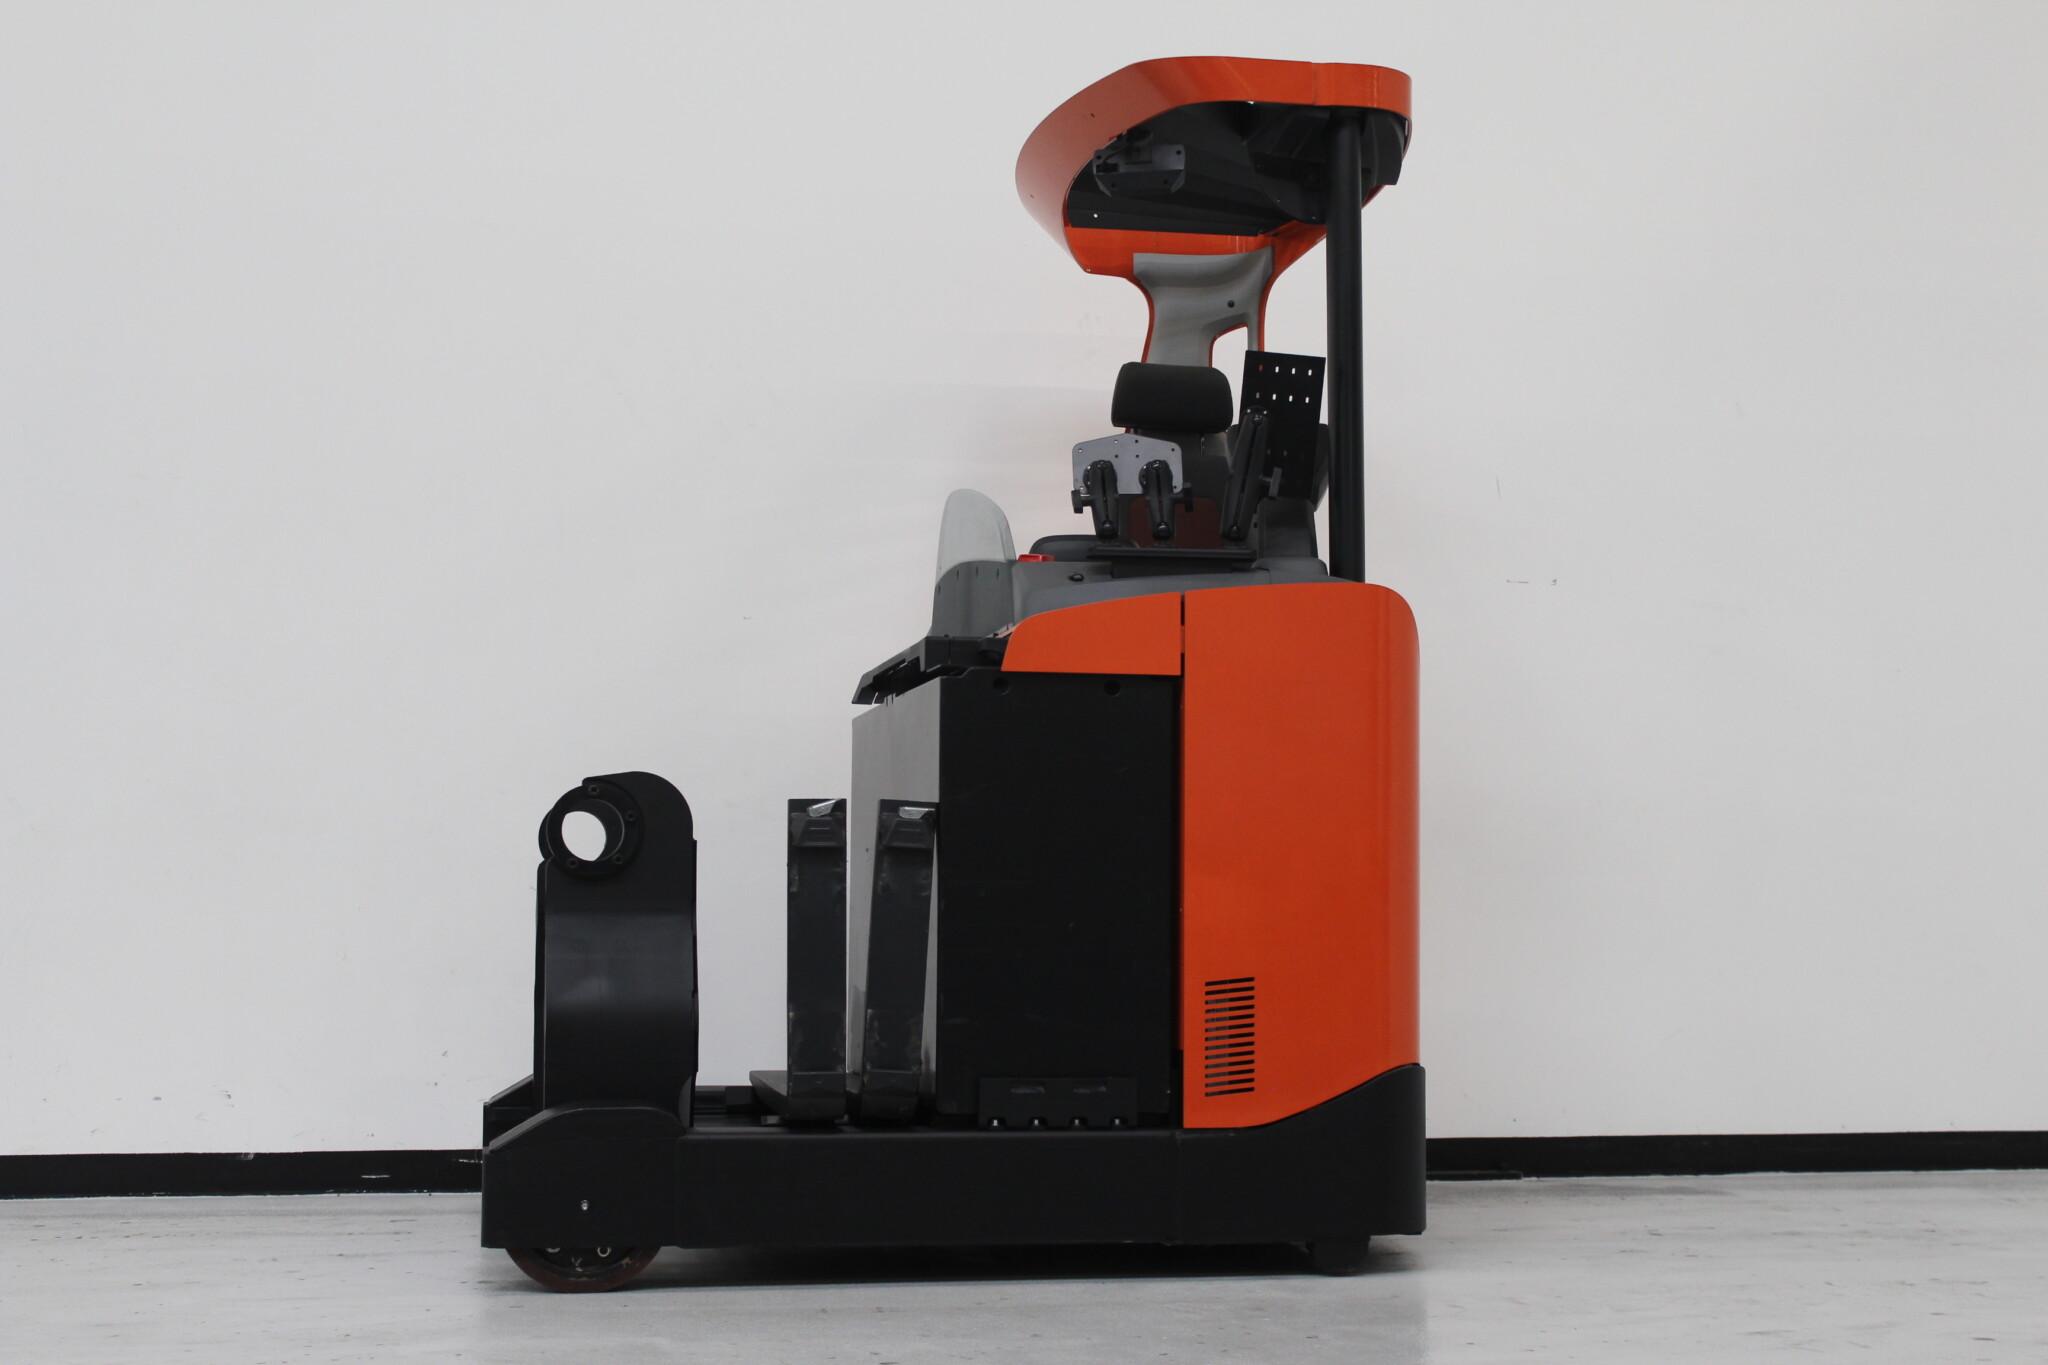 Toyota-Gabelstapler-59840 1604010703 1 scaled